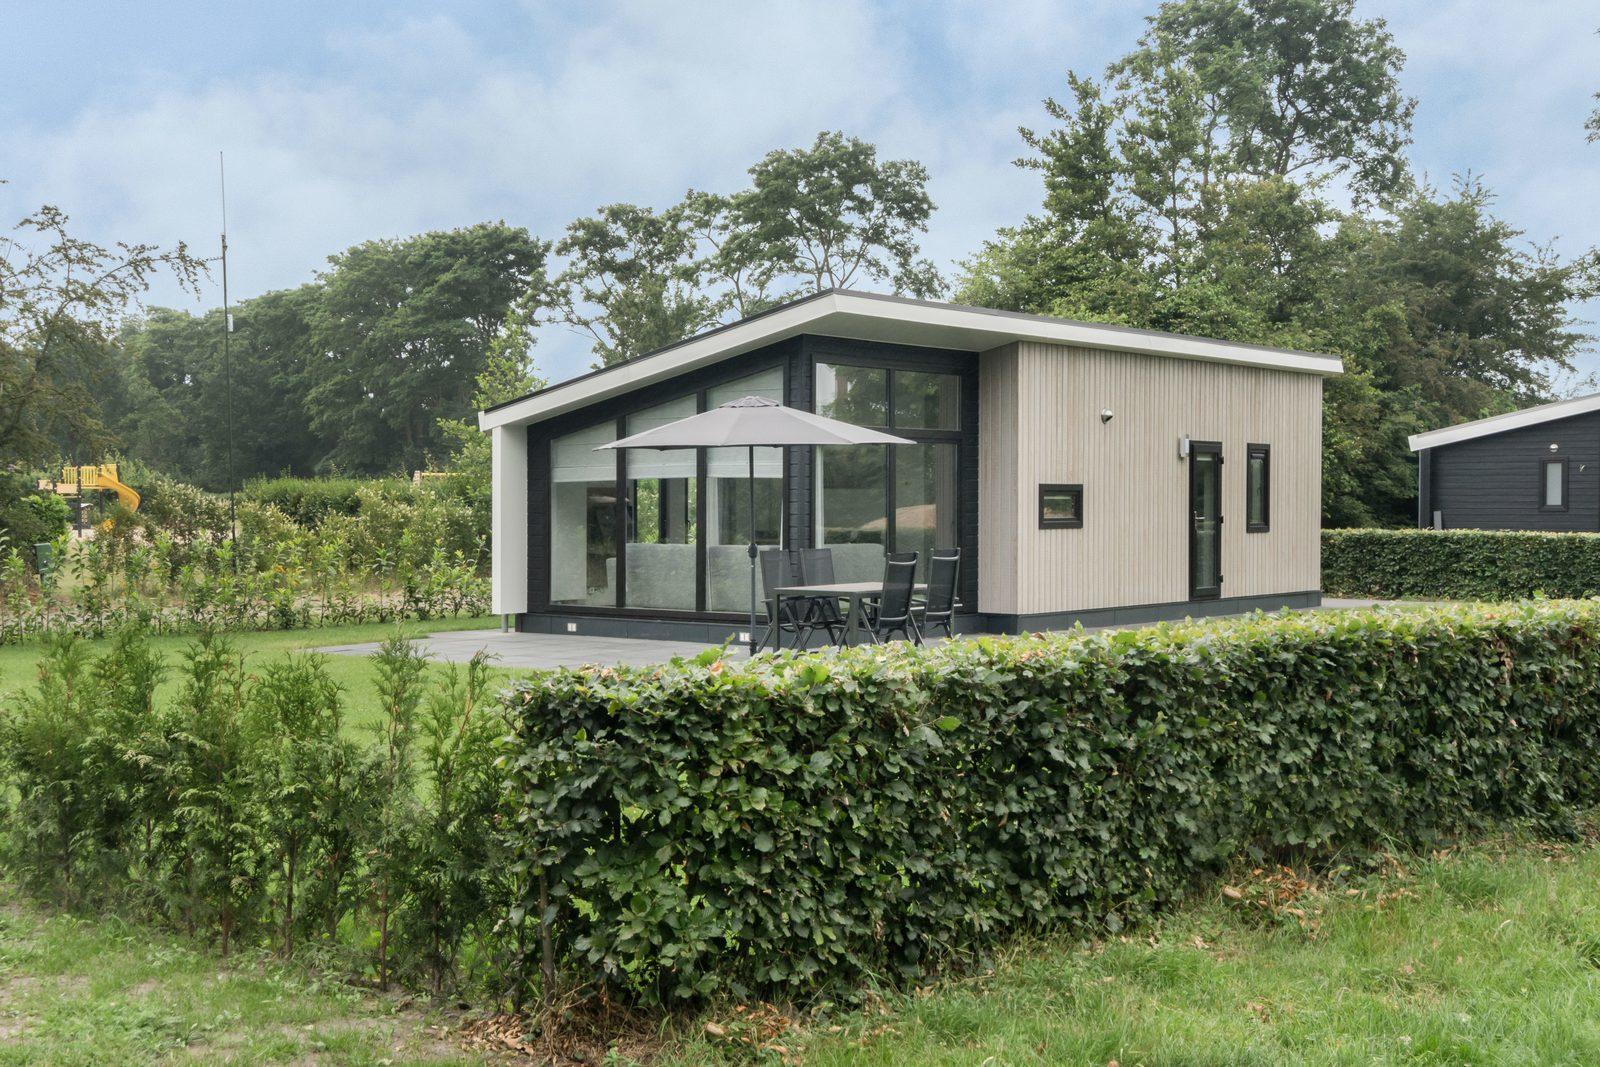 Parc de Kievit - Brabant Lodge 4 - Recreatiewoning te koop